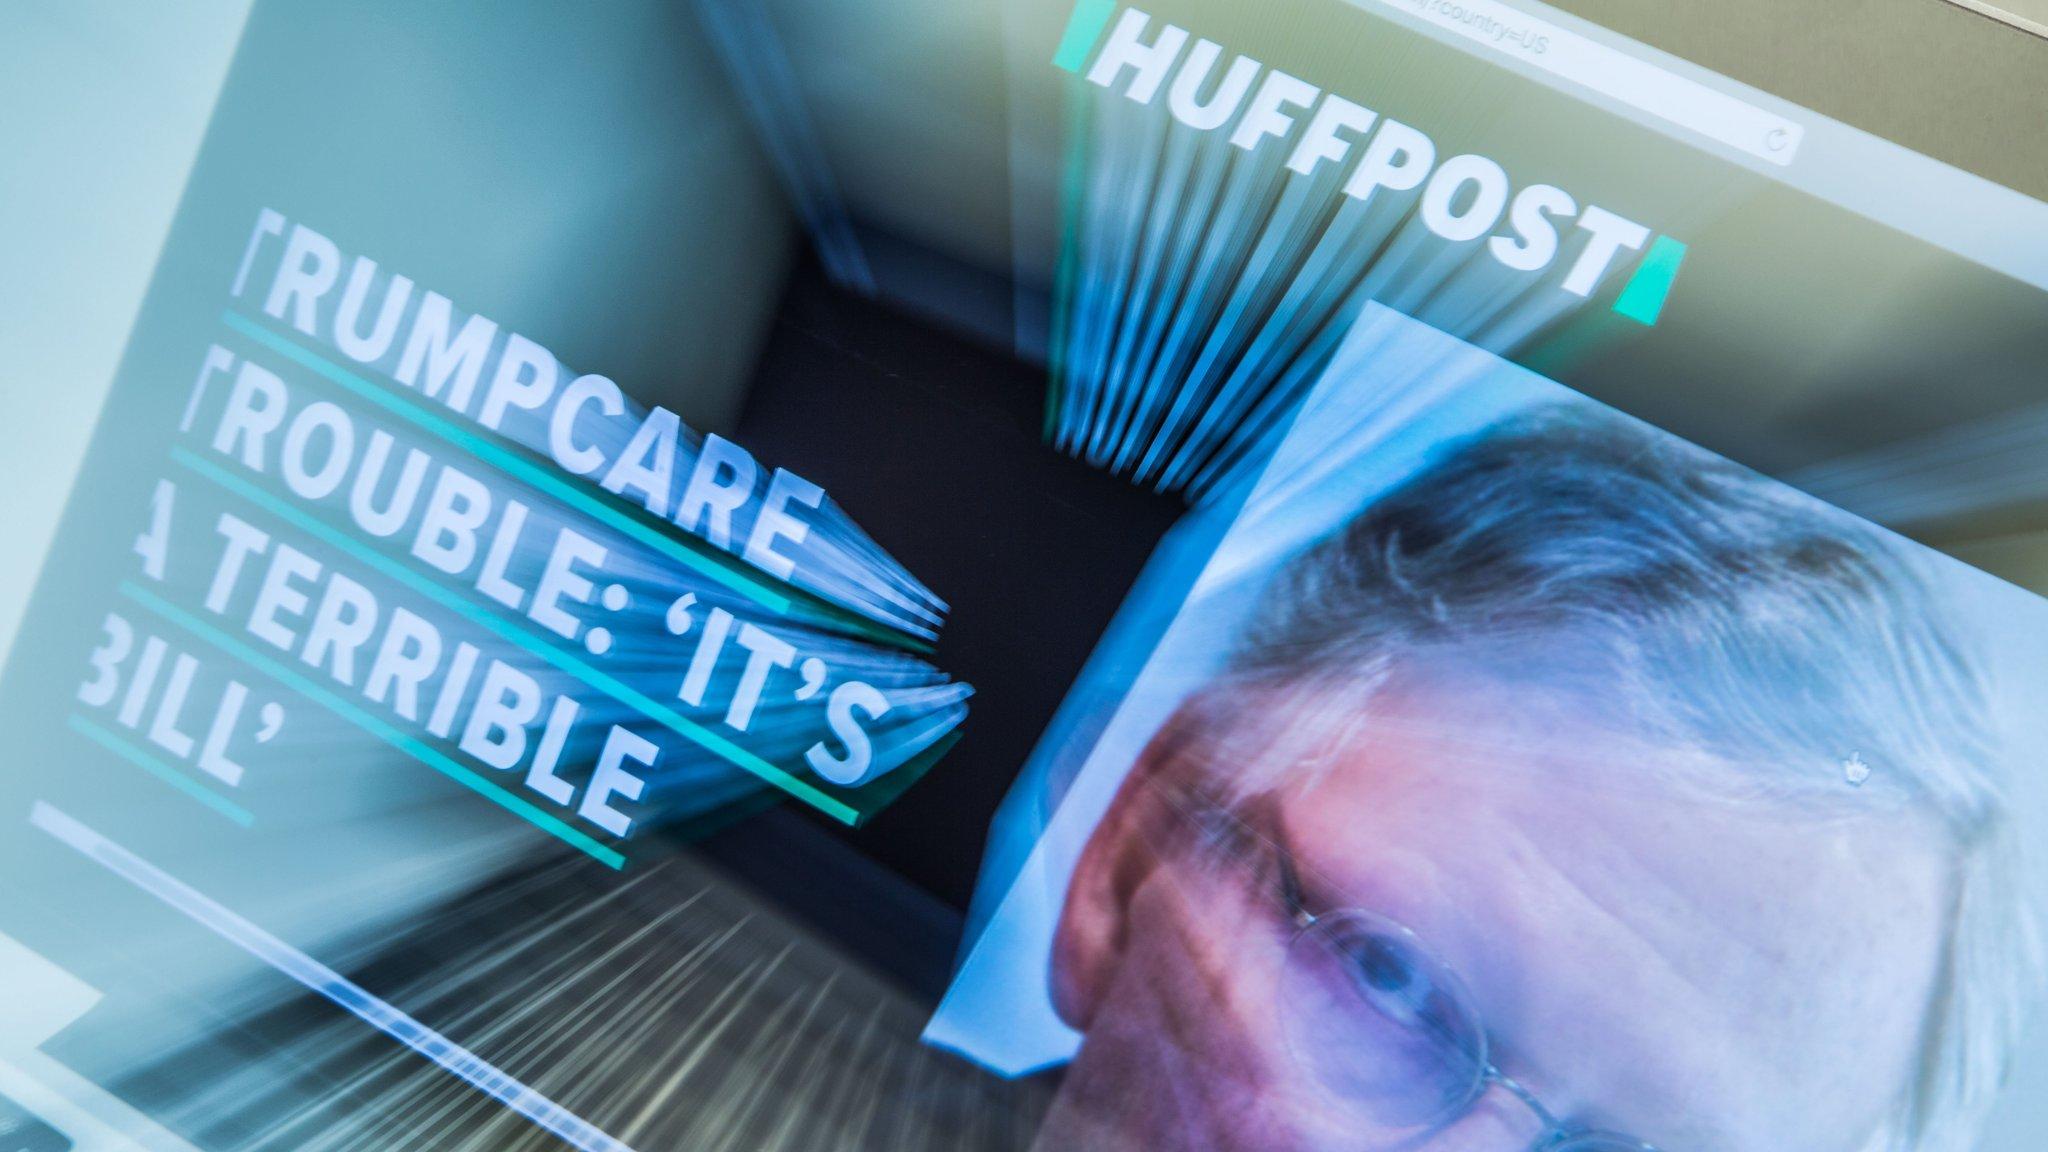 Verizon seeks buyer for HuffPost website